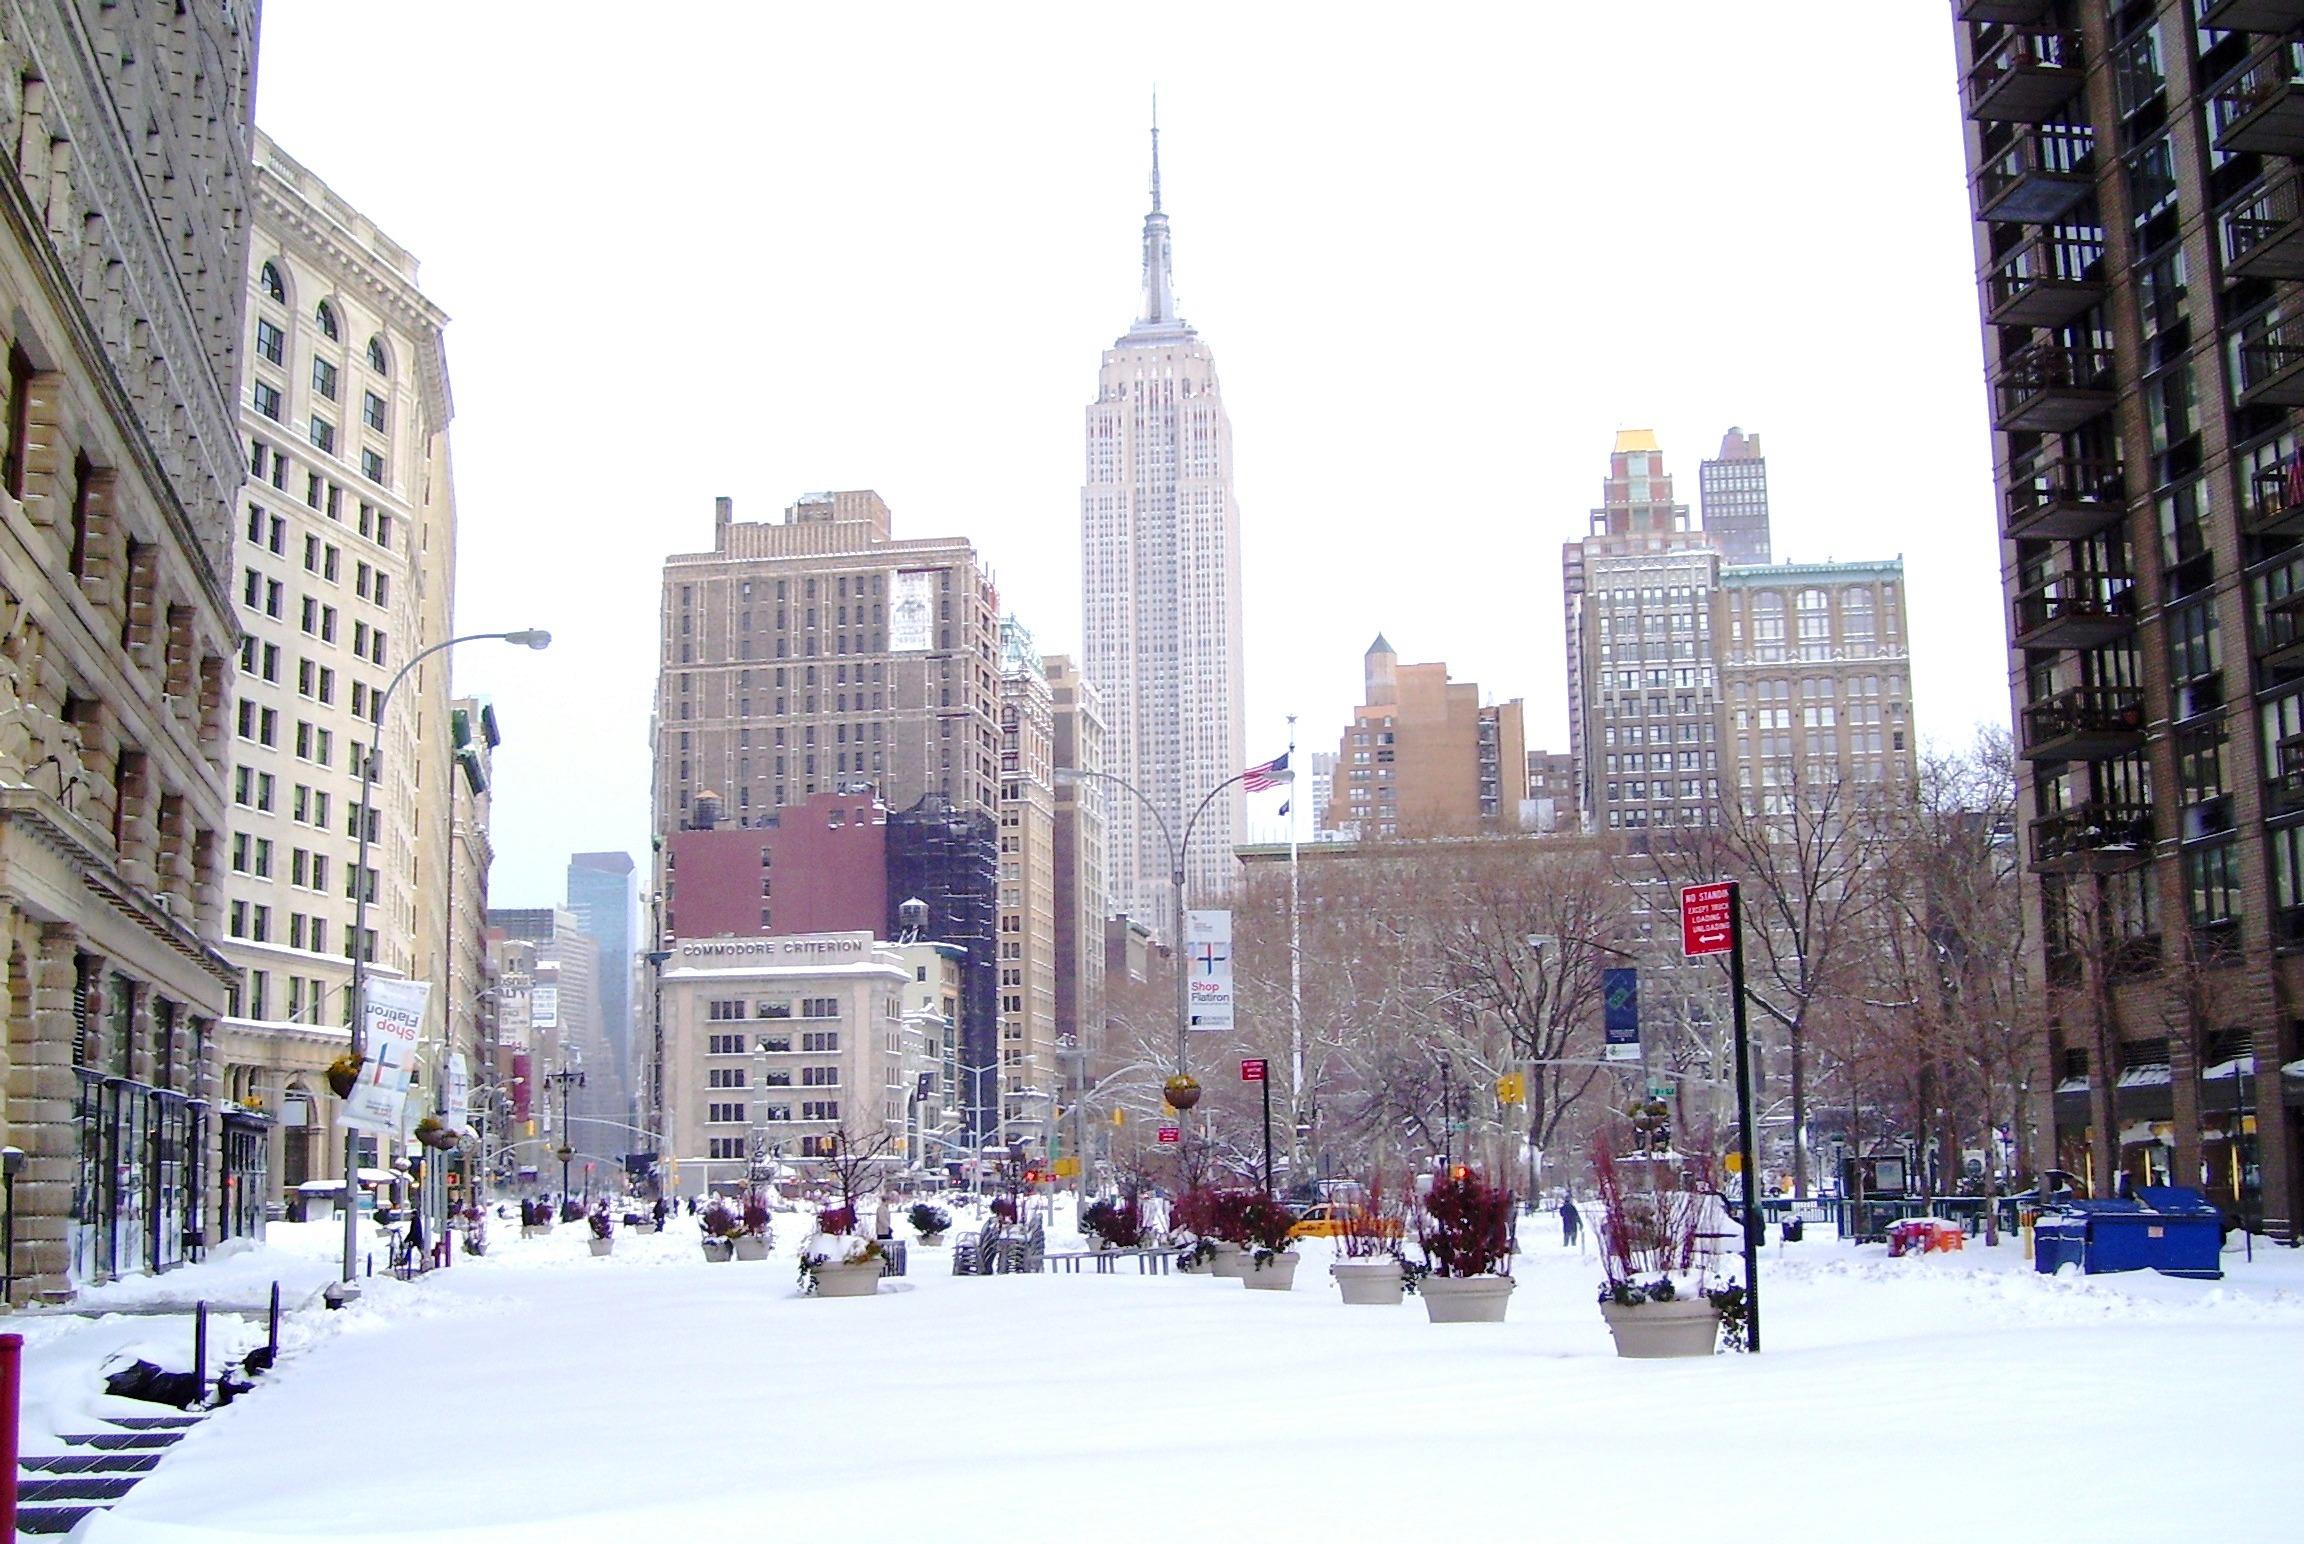 temperatura en nueva york hoy: